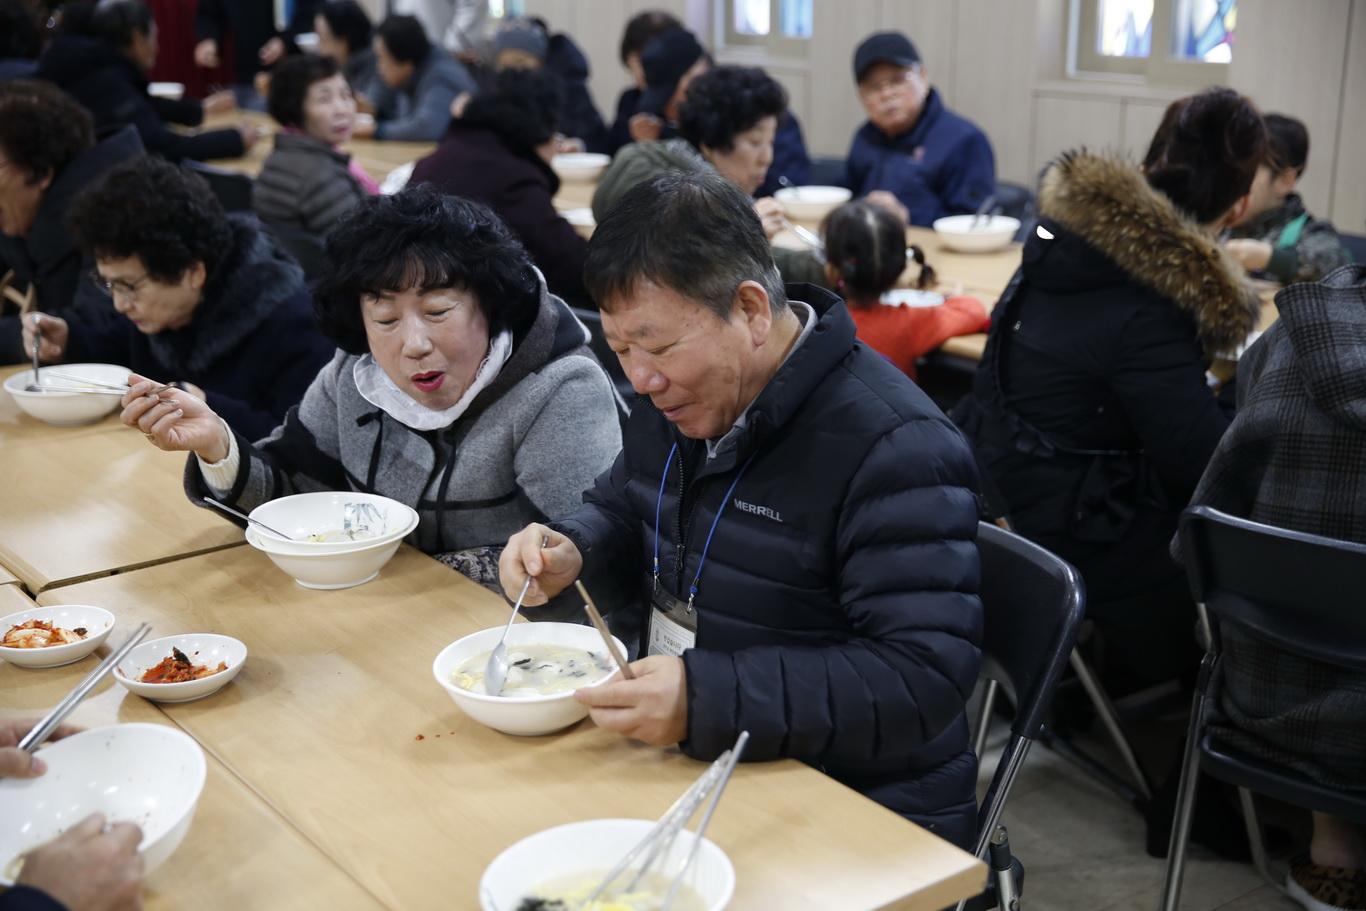 2019-12-25 성탄 대축일 (089)_크기변경.JPG